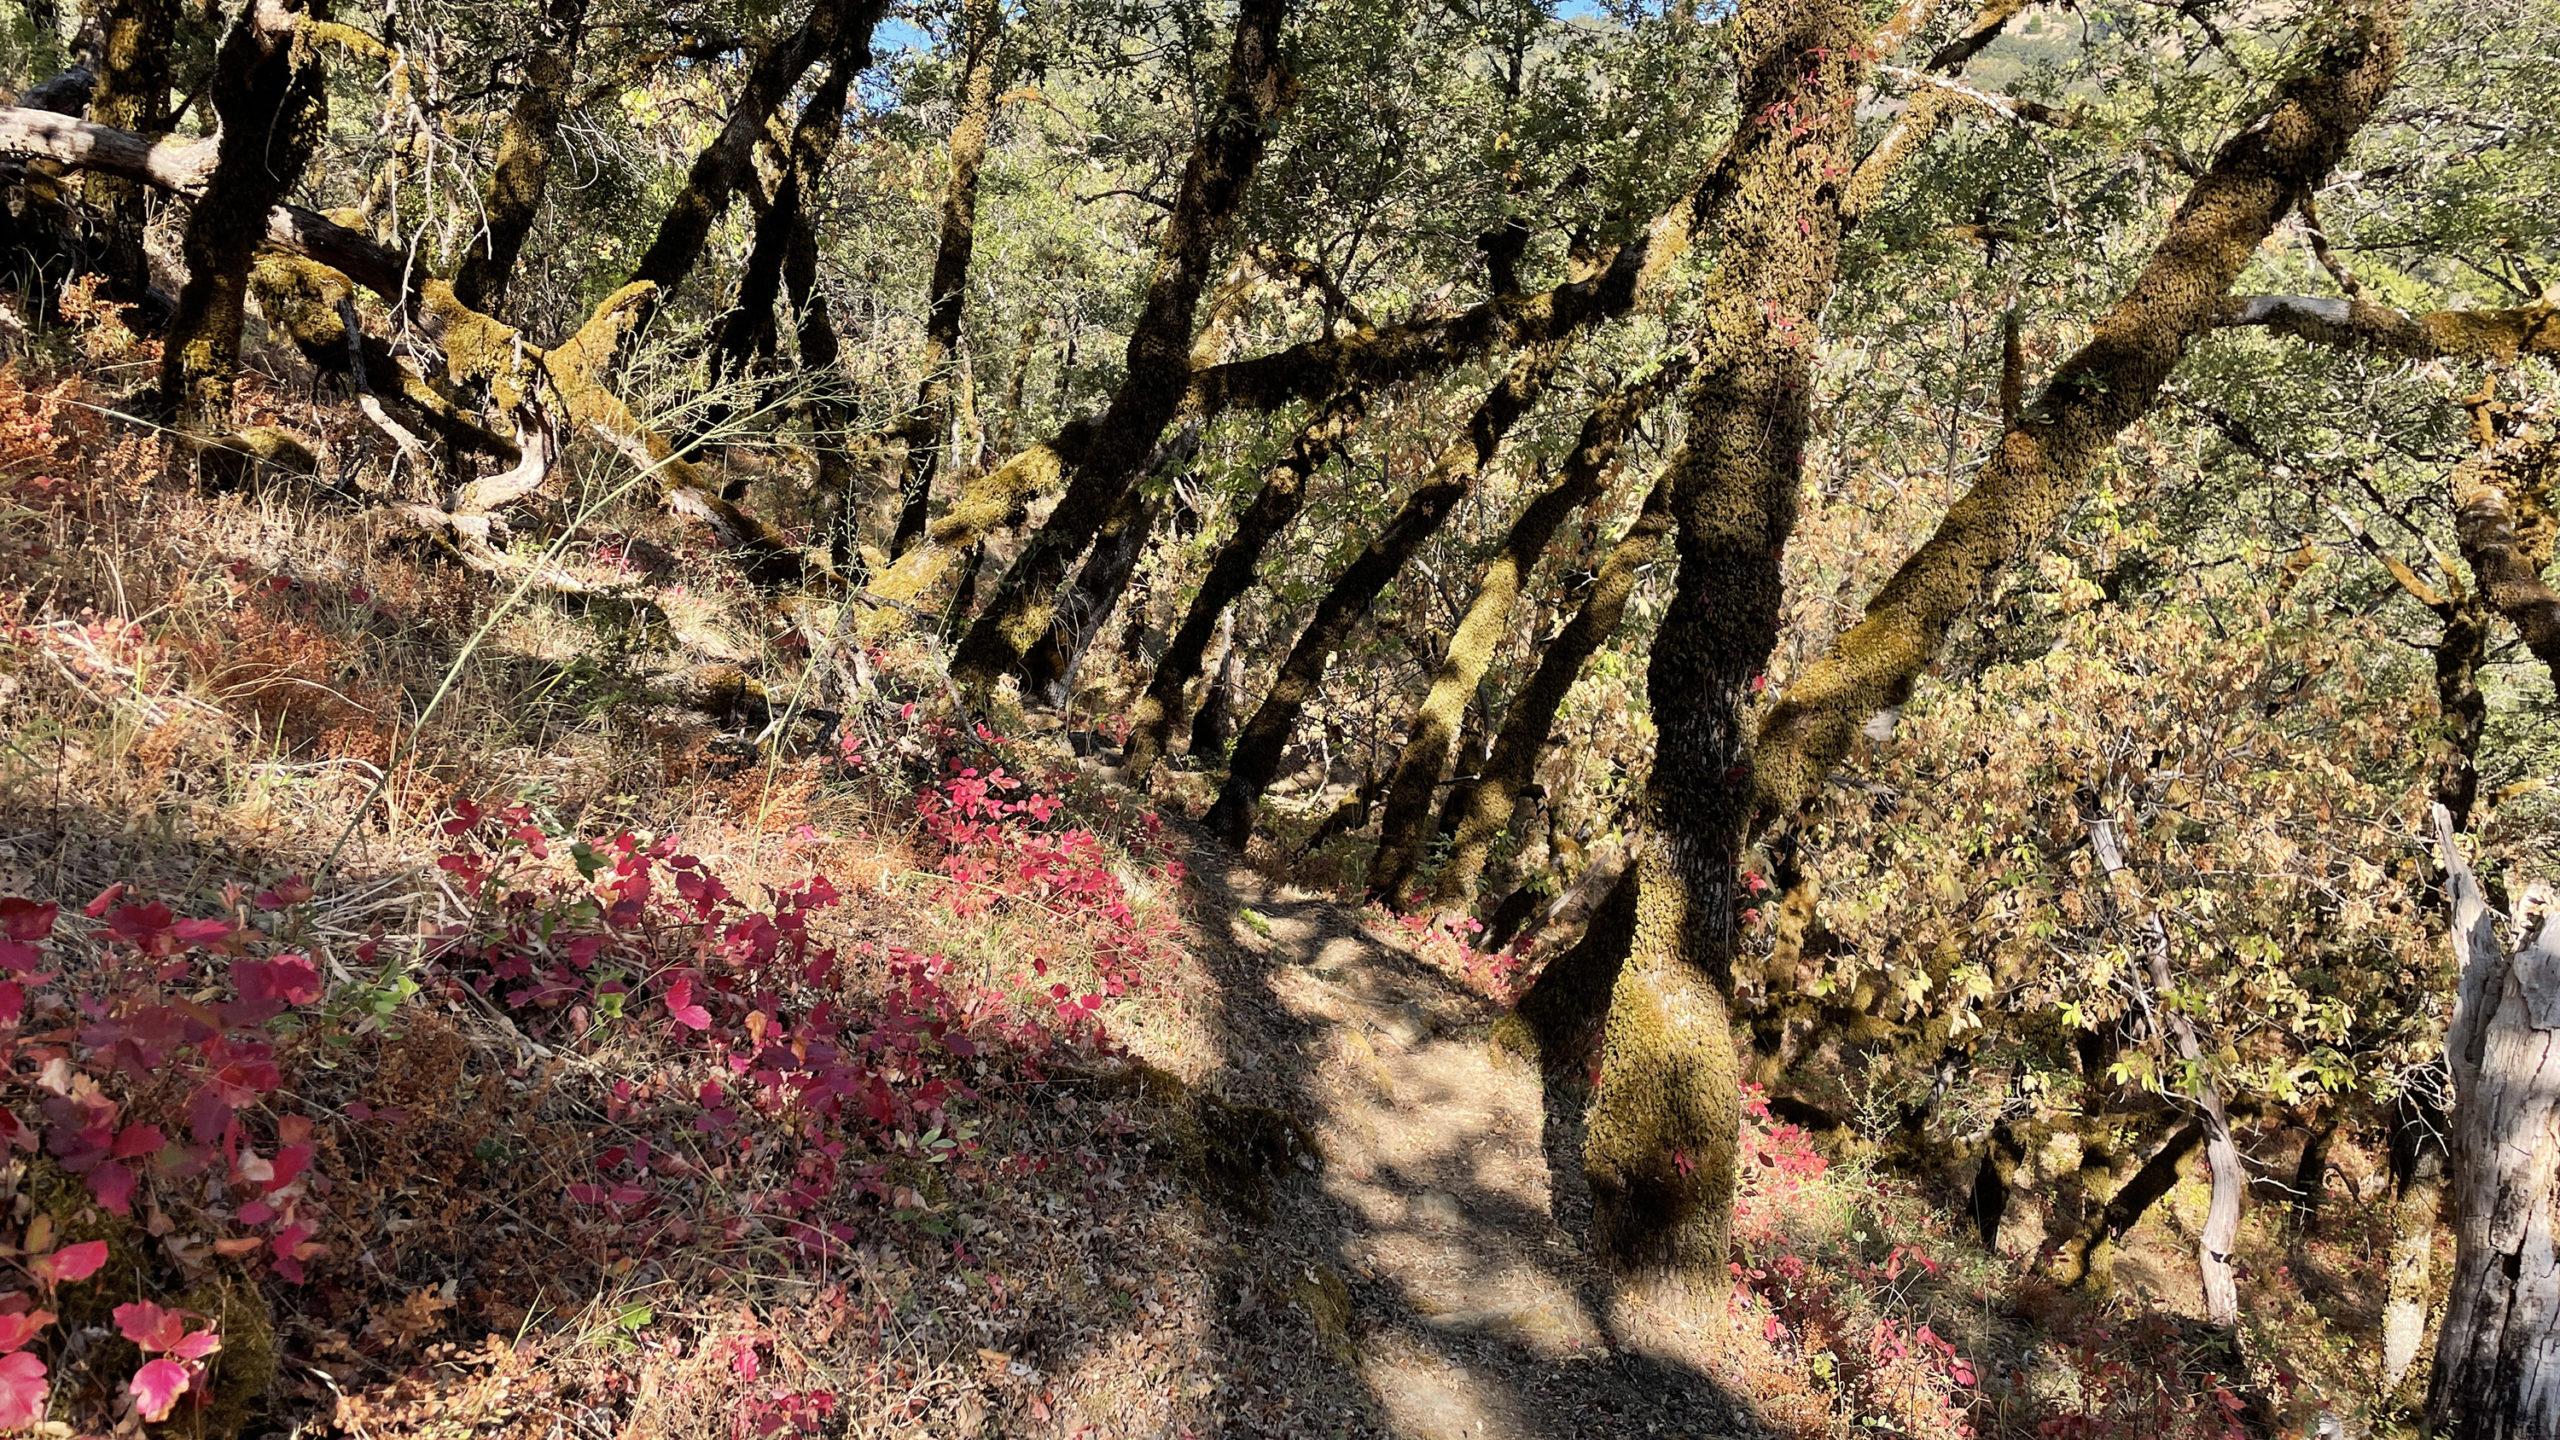 Poison oak dots a hiking path